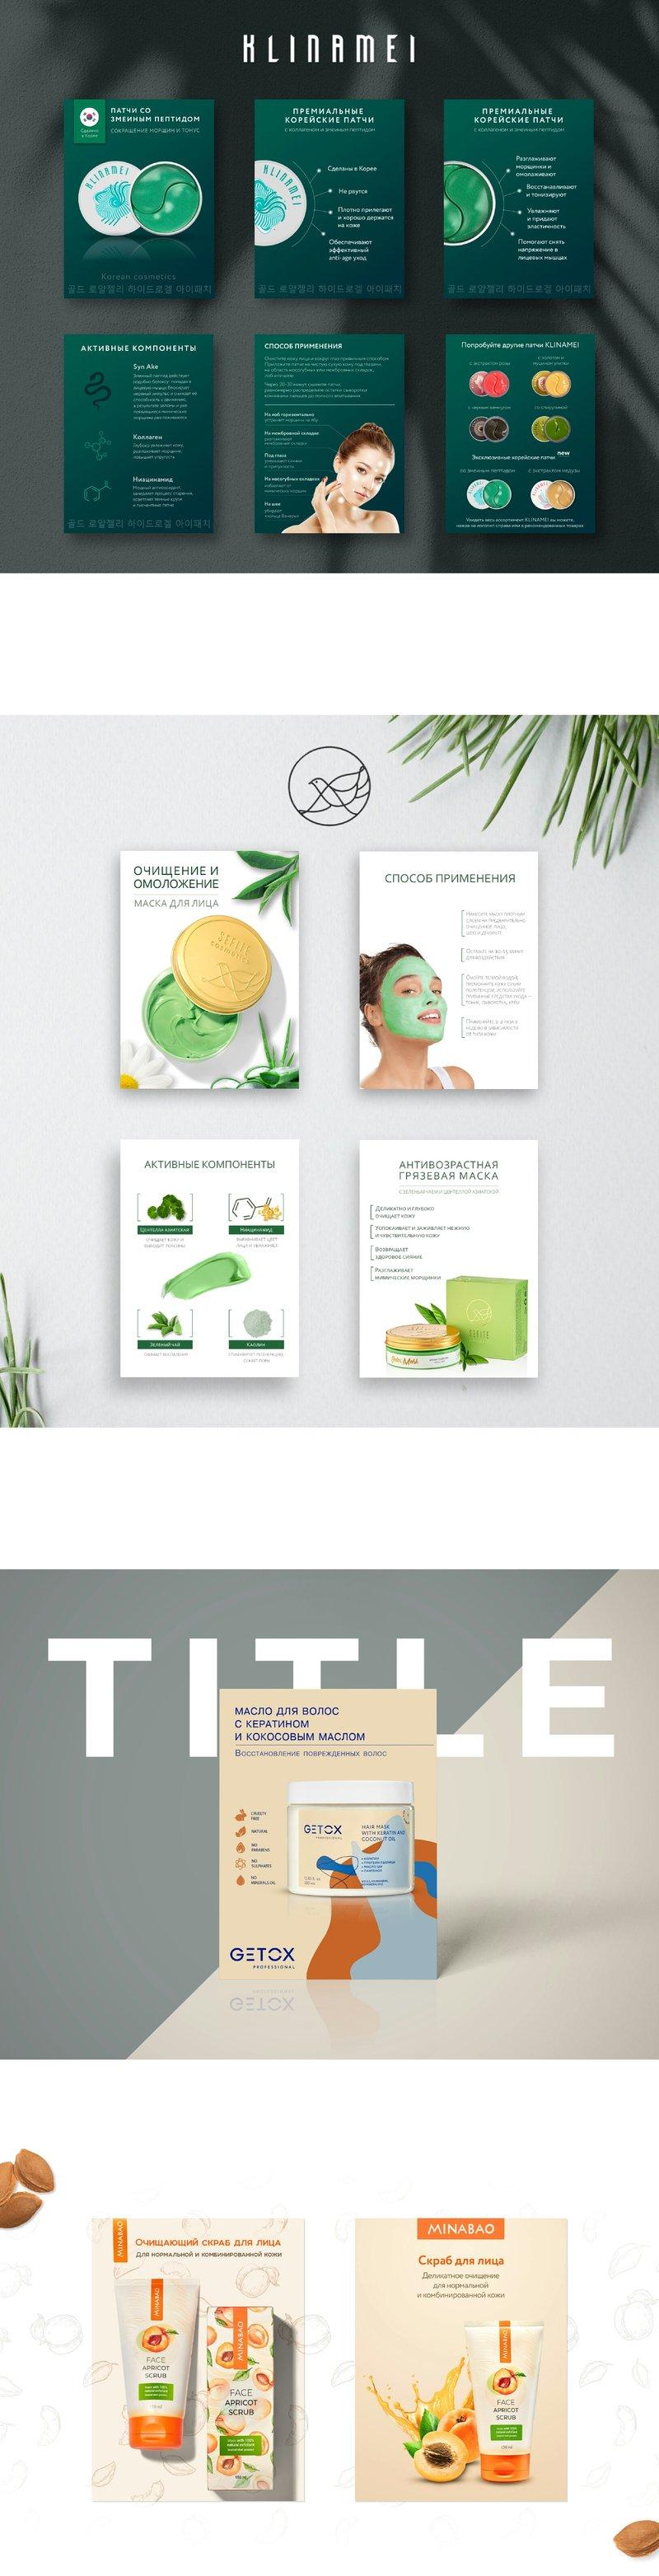 Дизайн карточек товаров для маркетплейсов – работа в портфолио фрилансера